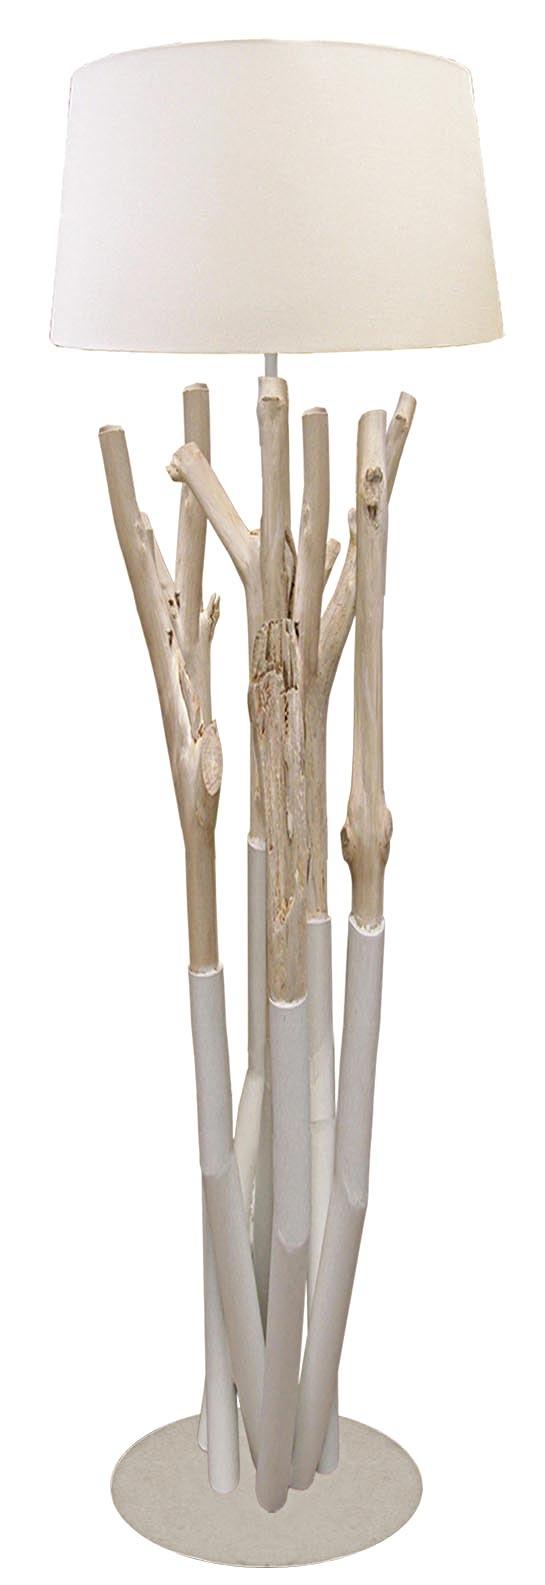 Lampadaire En Bois Flotte Blanc Driftwood 6092